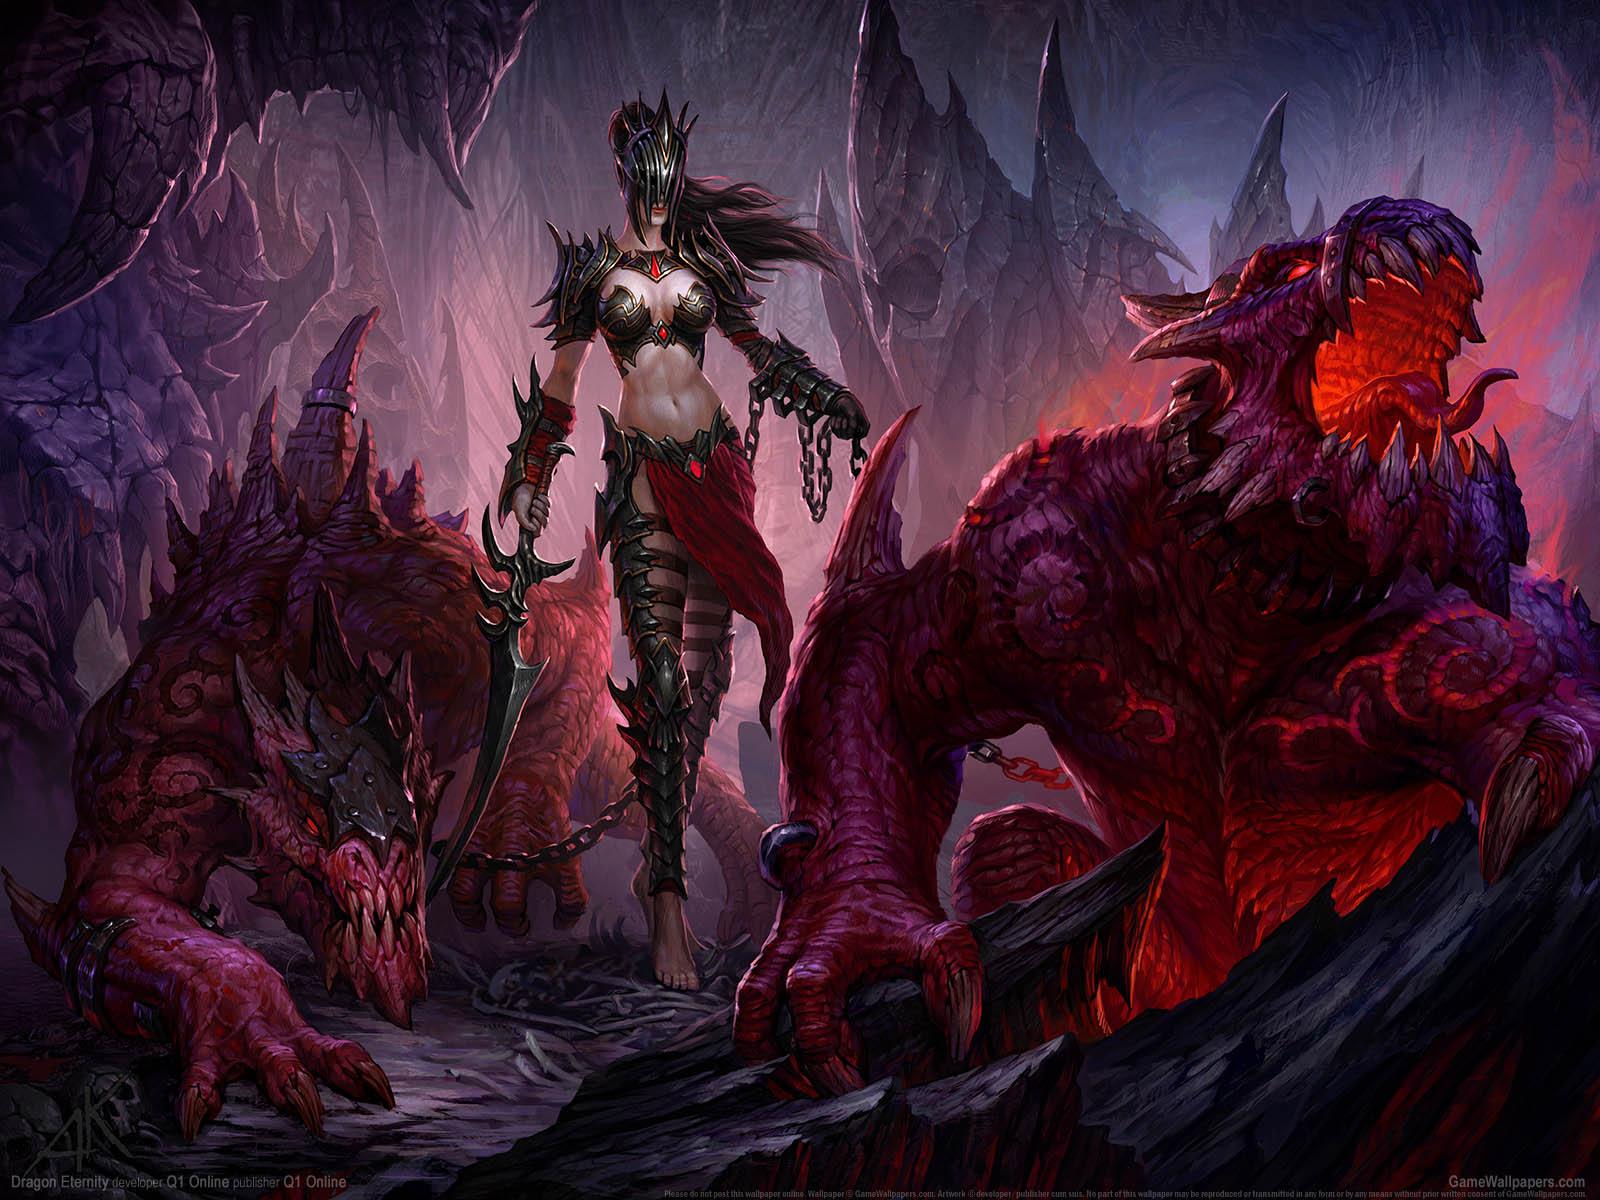 Dragon Eternityνmmer=05 achtergrond  1600x1200